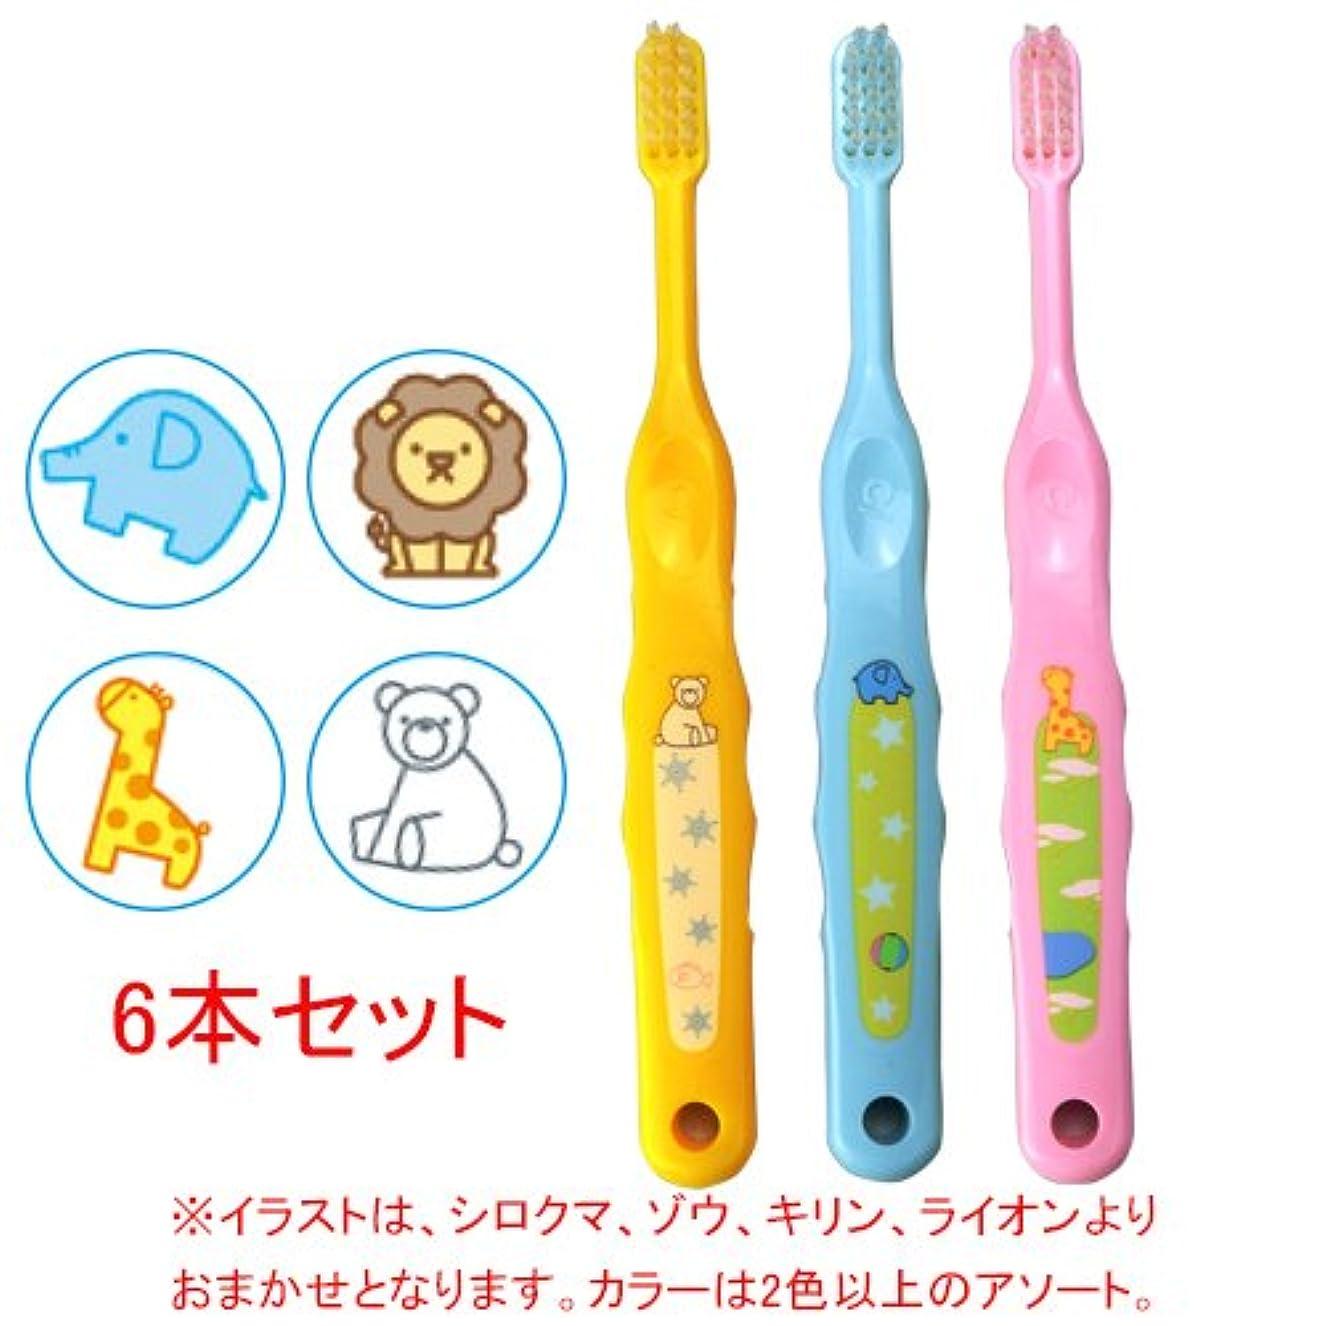 みぞれぎこちないマエストロCiメディカル Ci なまえ歯ブラシ 503 (やわらかめ) (乳児~小学生向)×6本